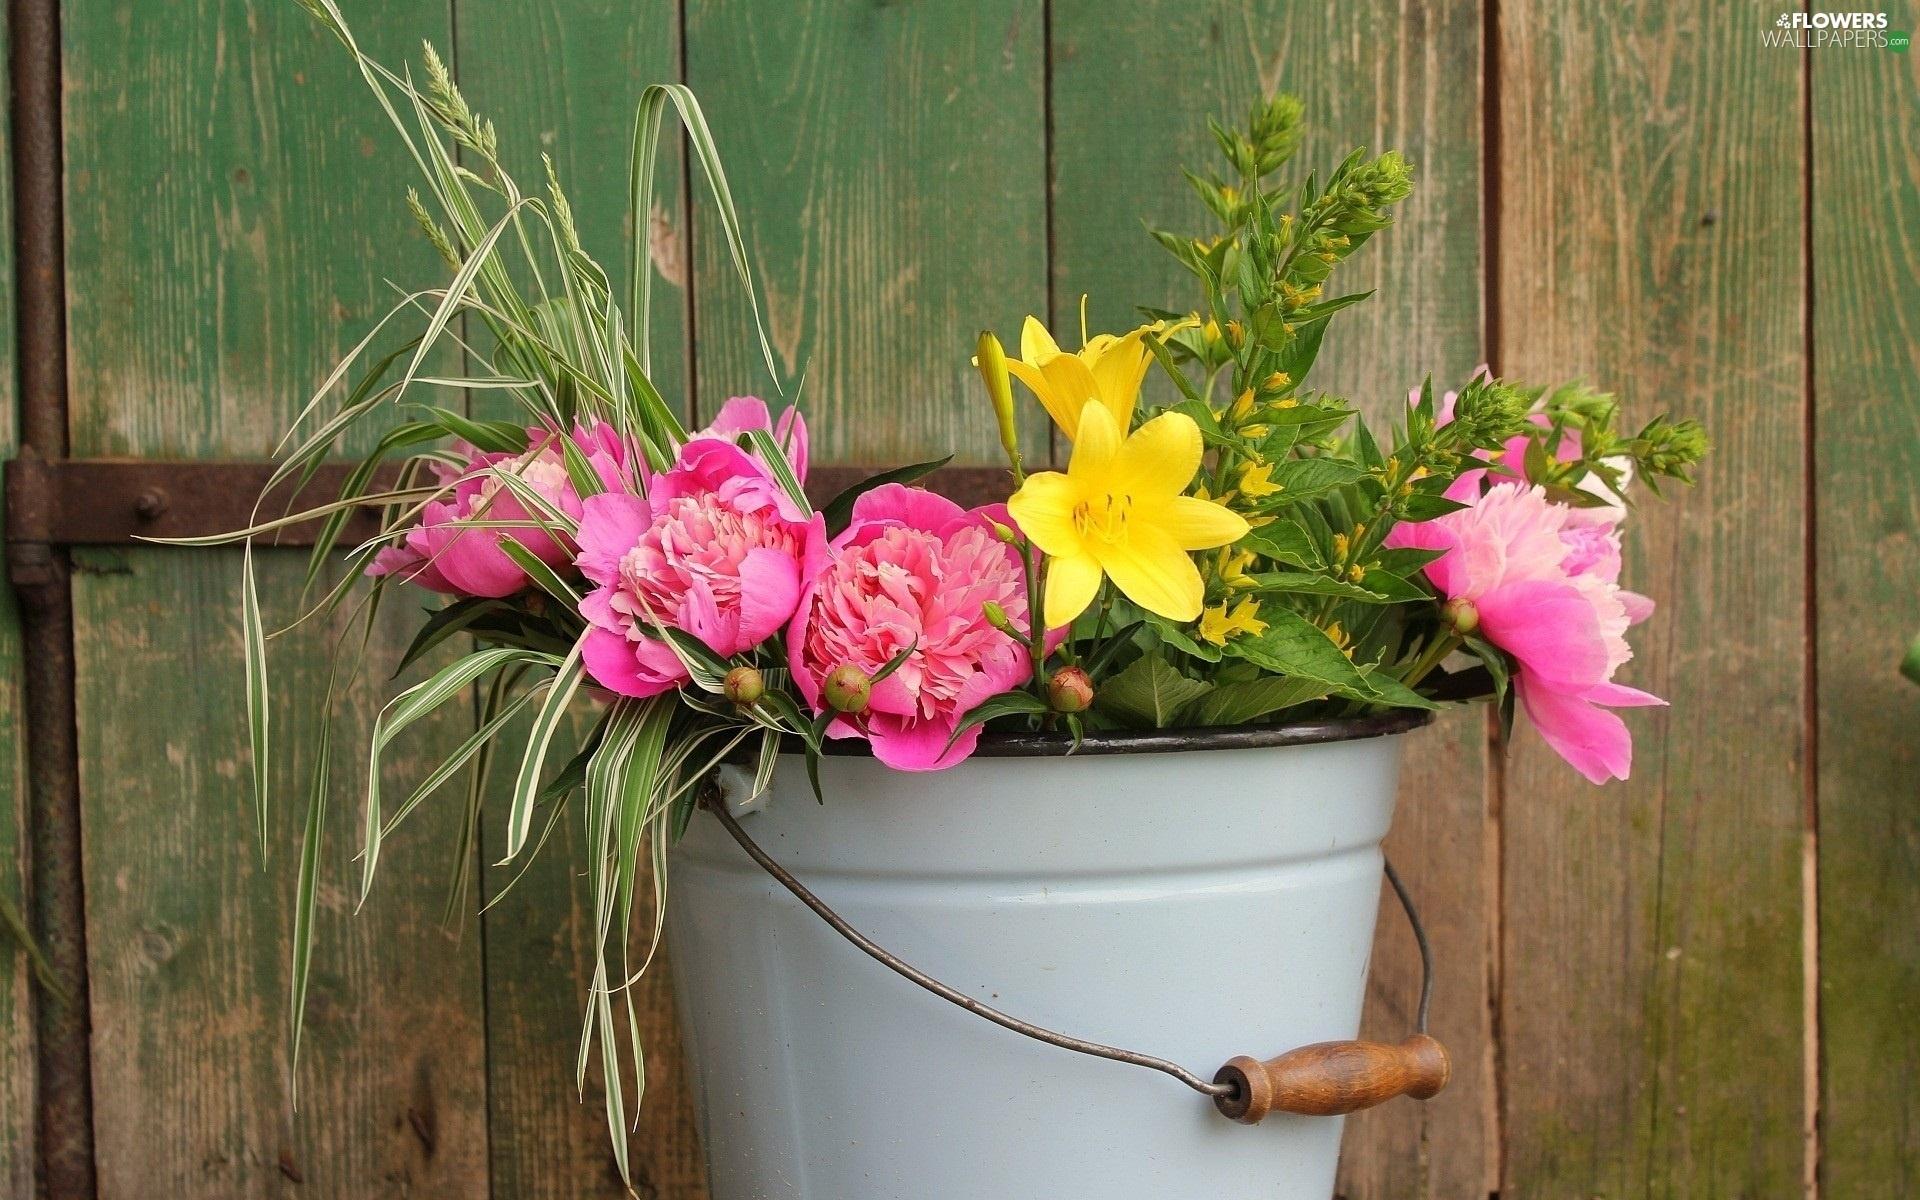 Yellow flowers pink peonies bucket flowers wallpapers 1920x1200 yellow flowers pink peonies bucket mightylinksfo